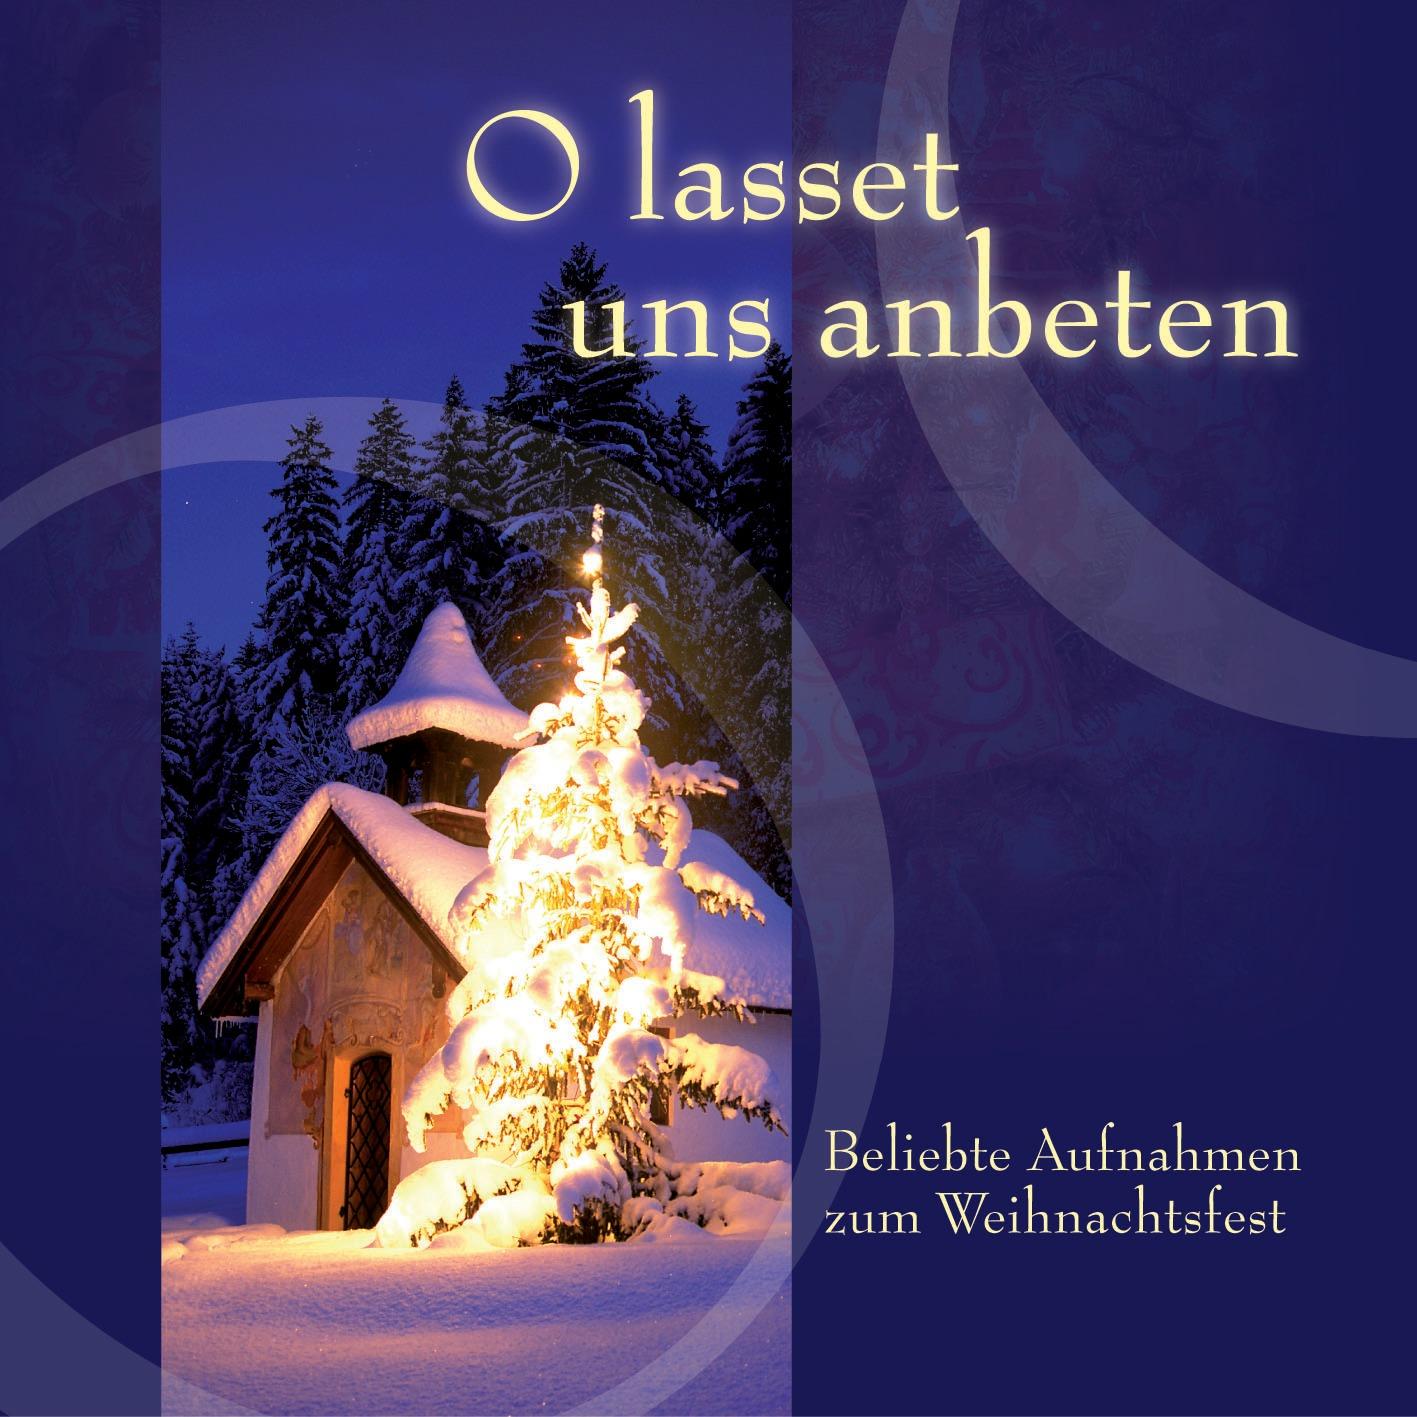 O lasset uns anbeten (MP3-Album - Download) - SCM Hänssler